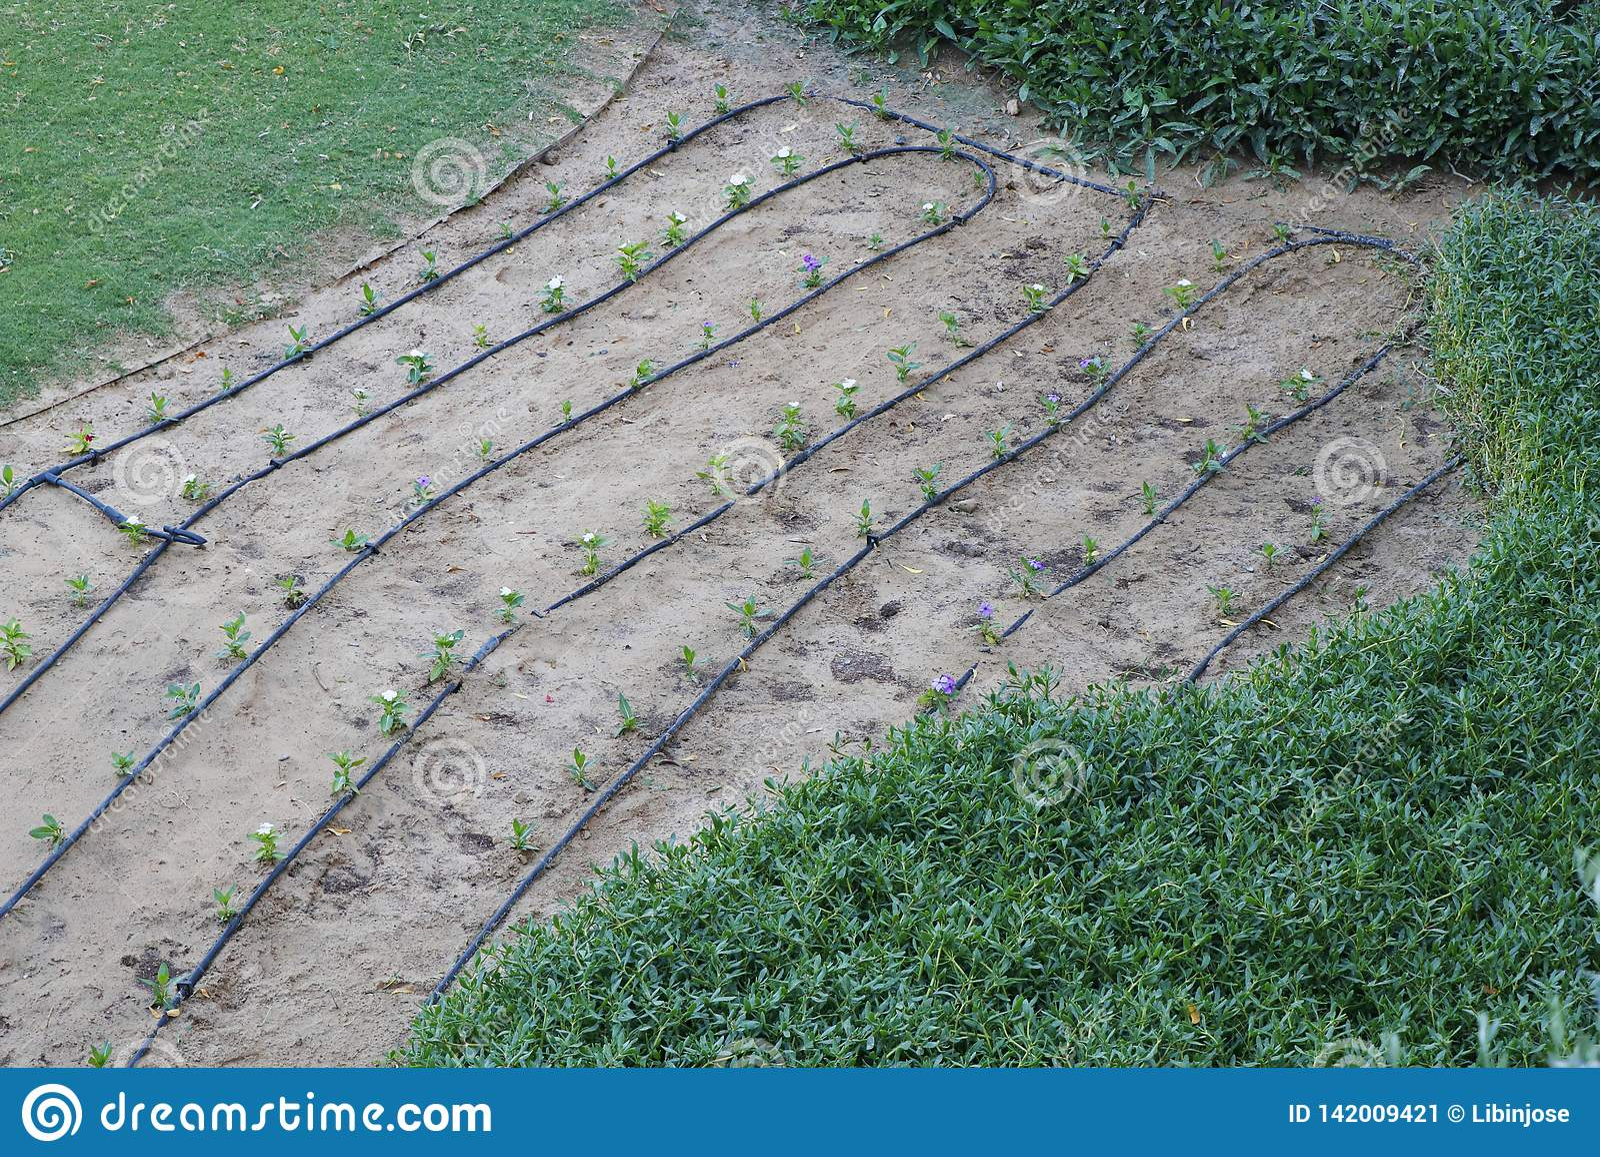 WasserSchlauchleitung für Garten und Feld